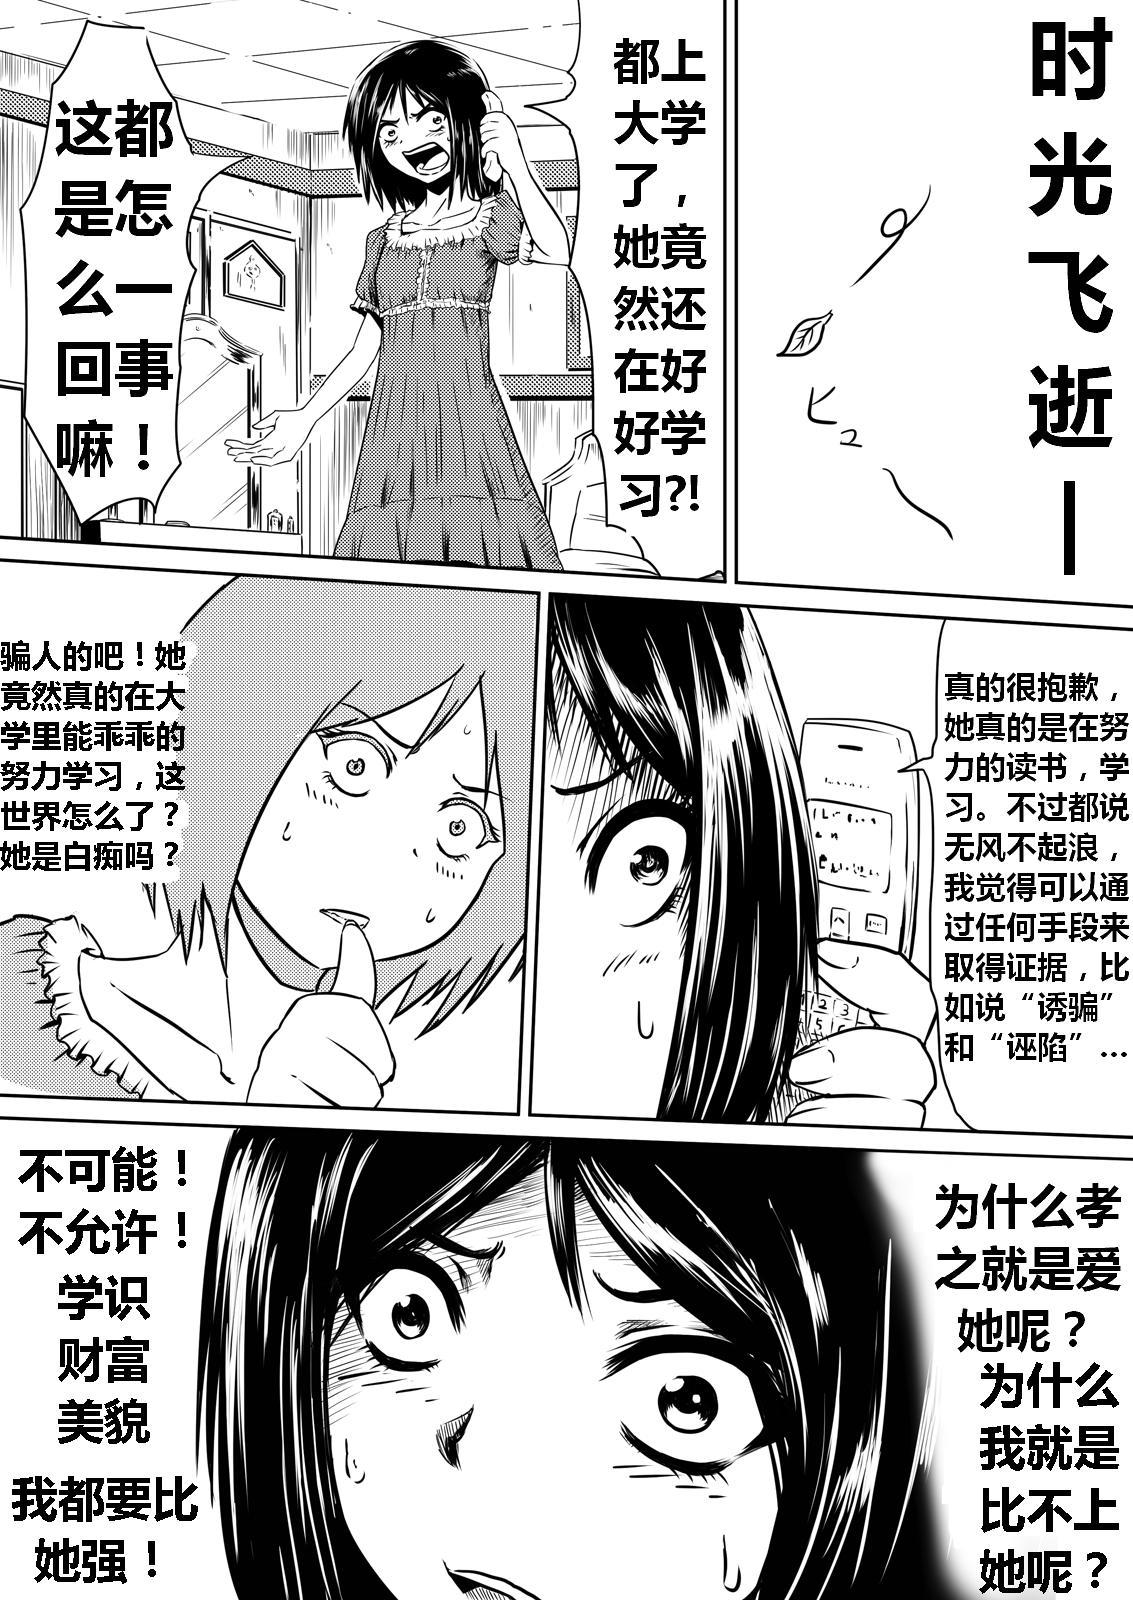 Ore no Kanojo ga Fuuzokujou ni Natta Riyuu | 女朋友下海拍片了 8